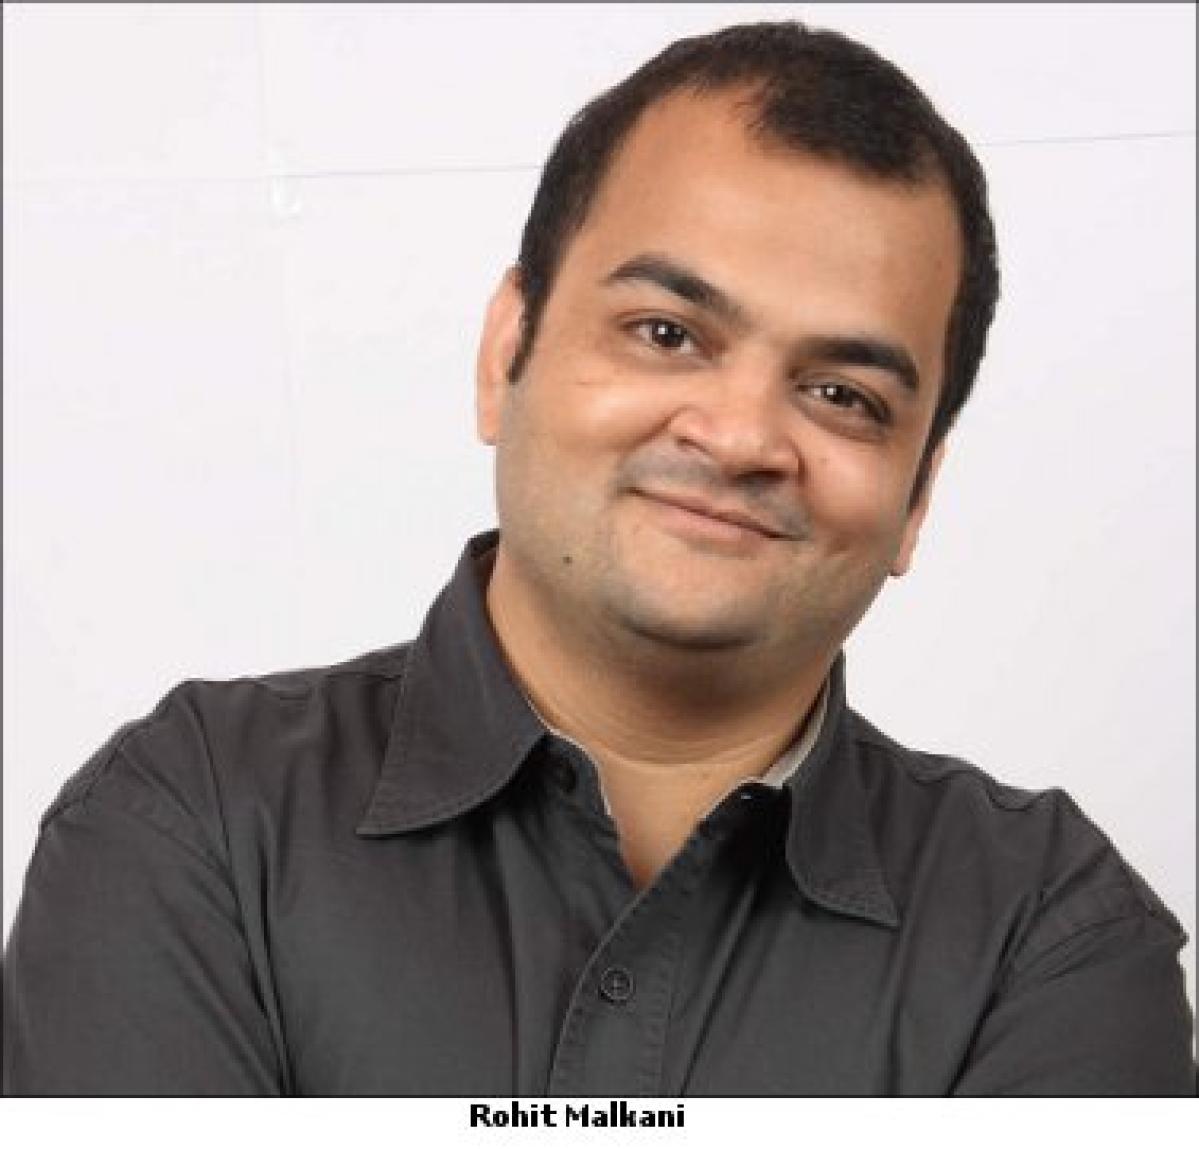 Profile - Rohit Malkani: Coming Home